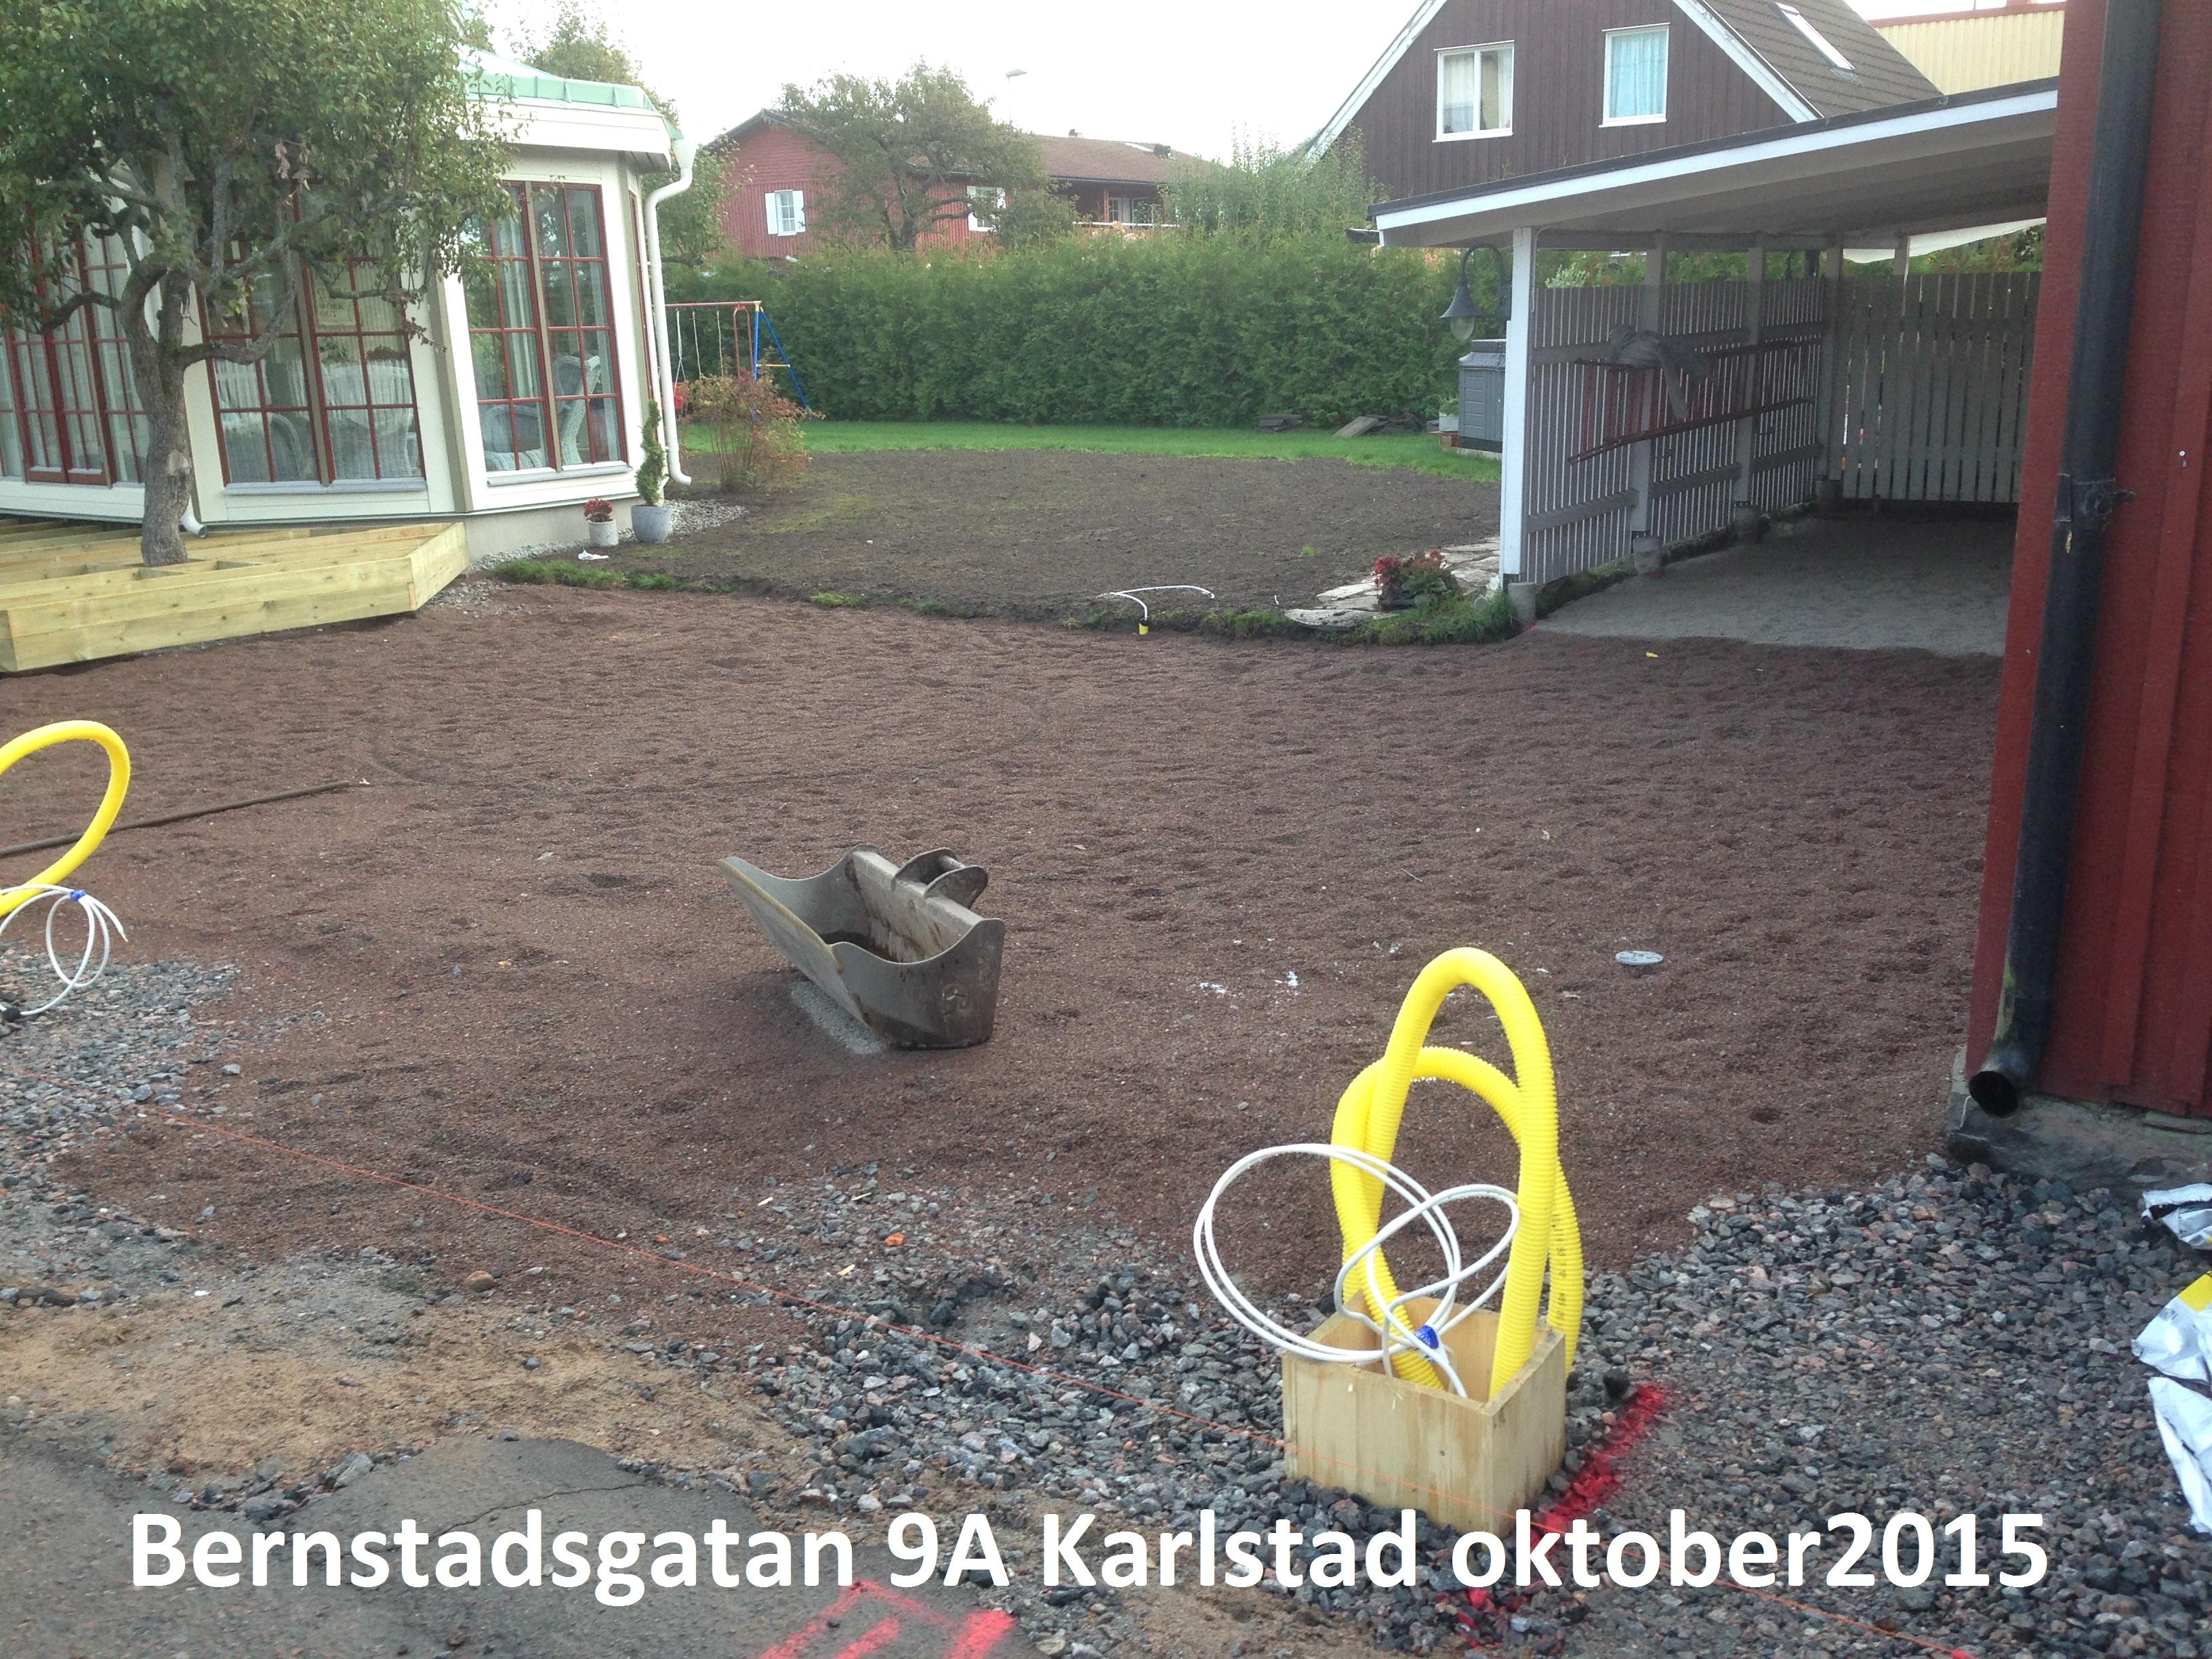 Bernstadsgatan 9A karlstad oktober2015 (15)